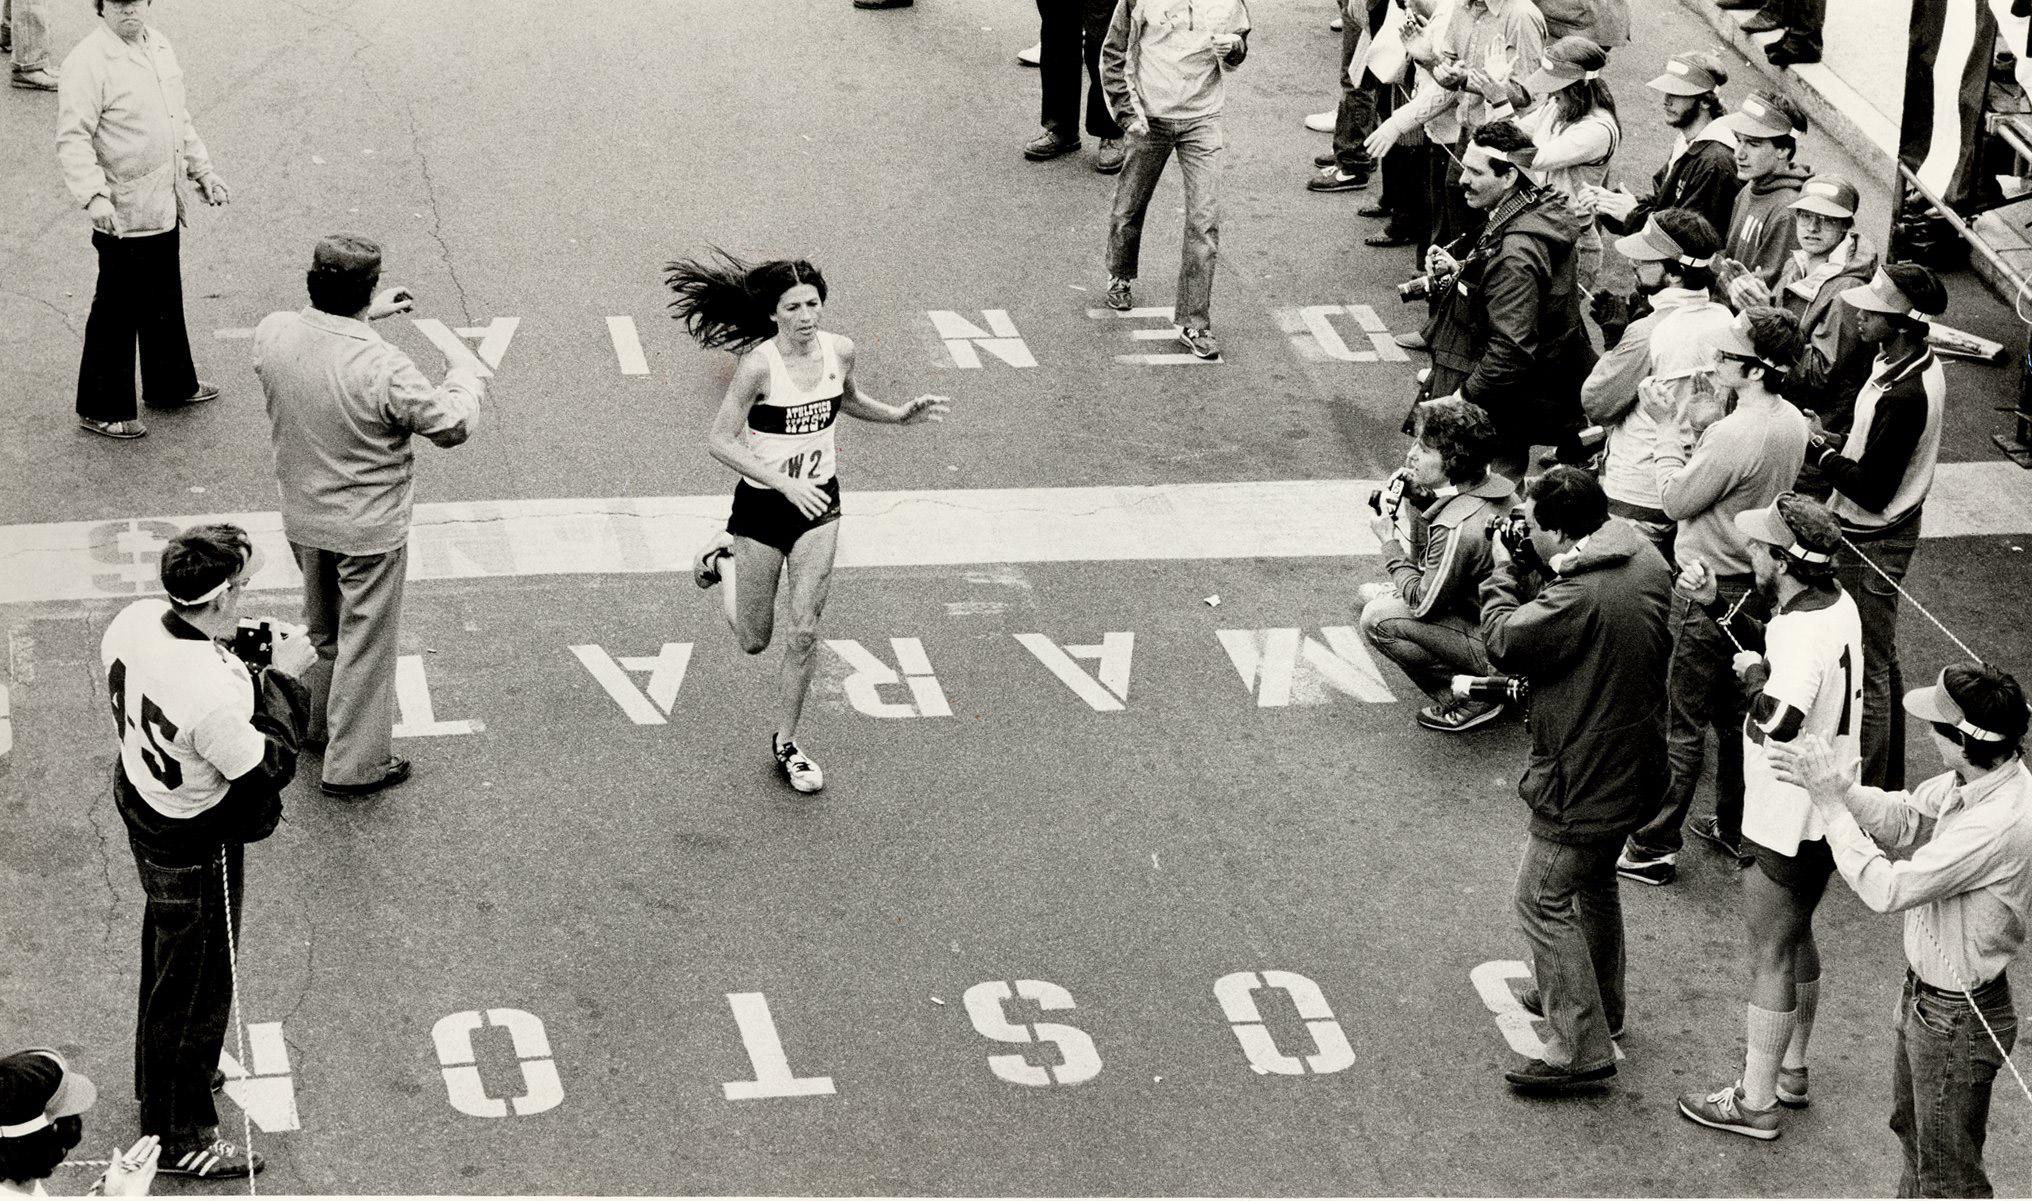 Patti (Lyons) Catalano in the Boston Marathon in 1981.